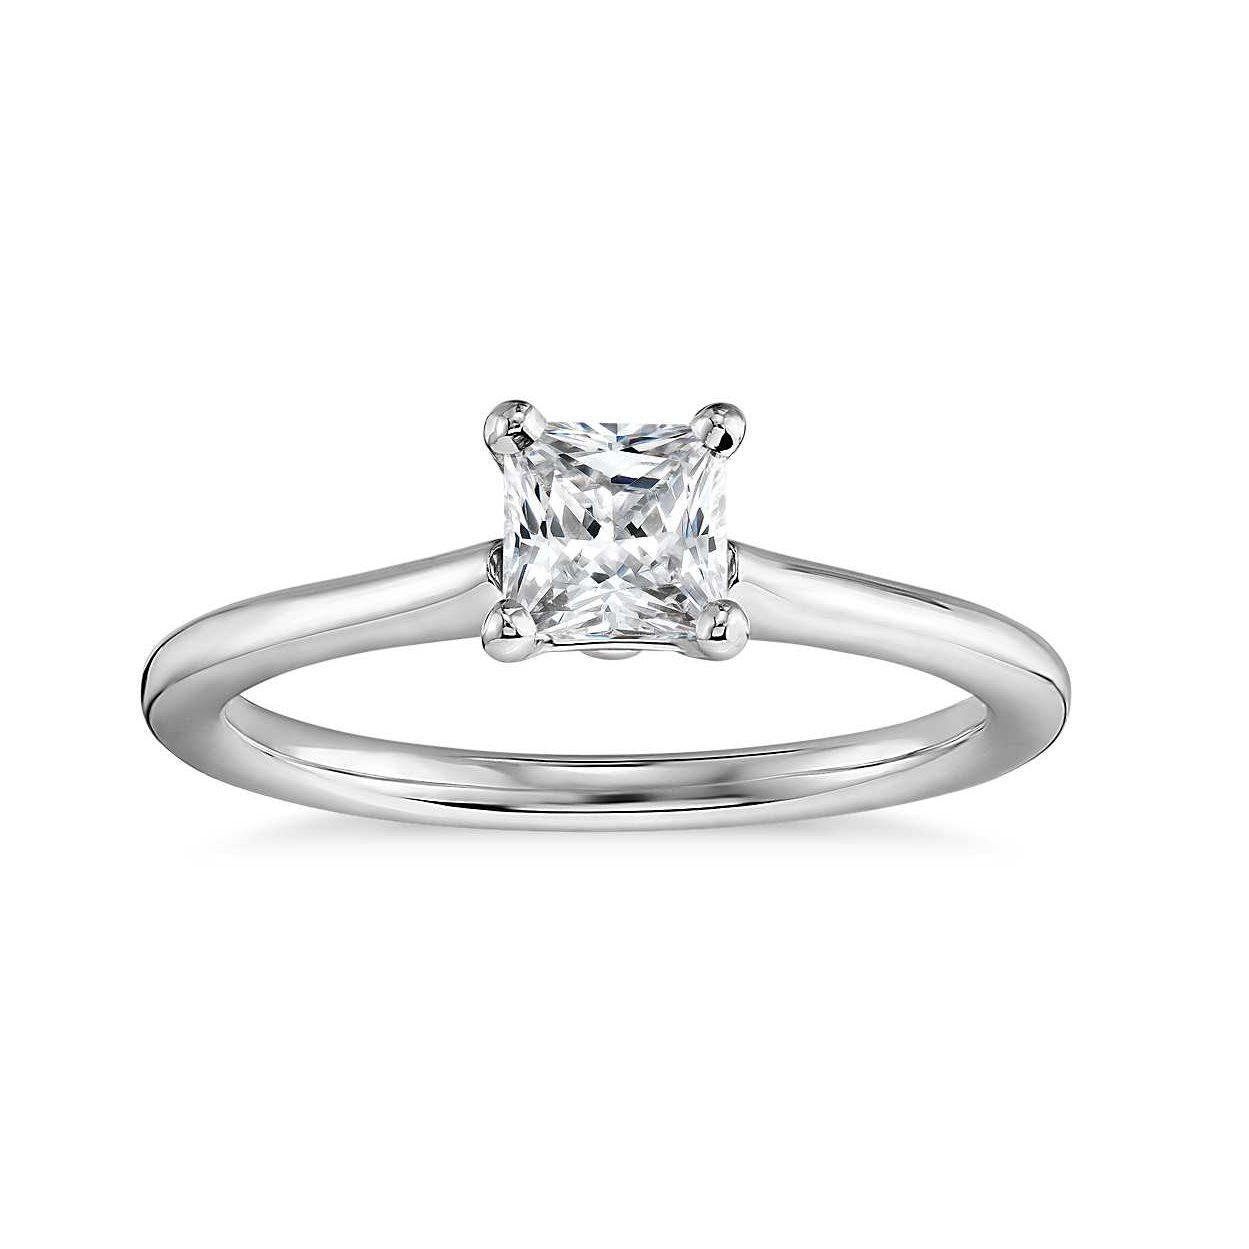 Blue Nile Princess-Cut Petite Solitaire Engagement Ring